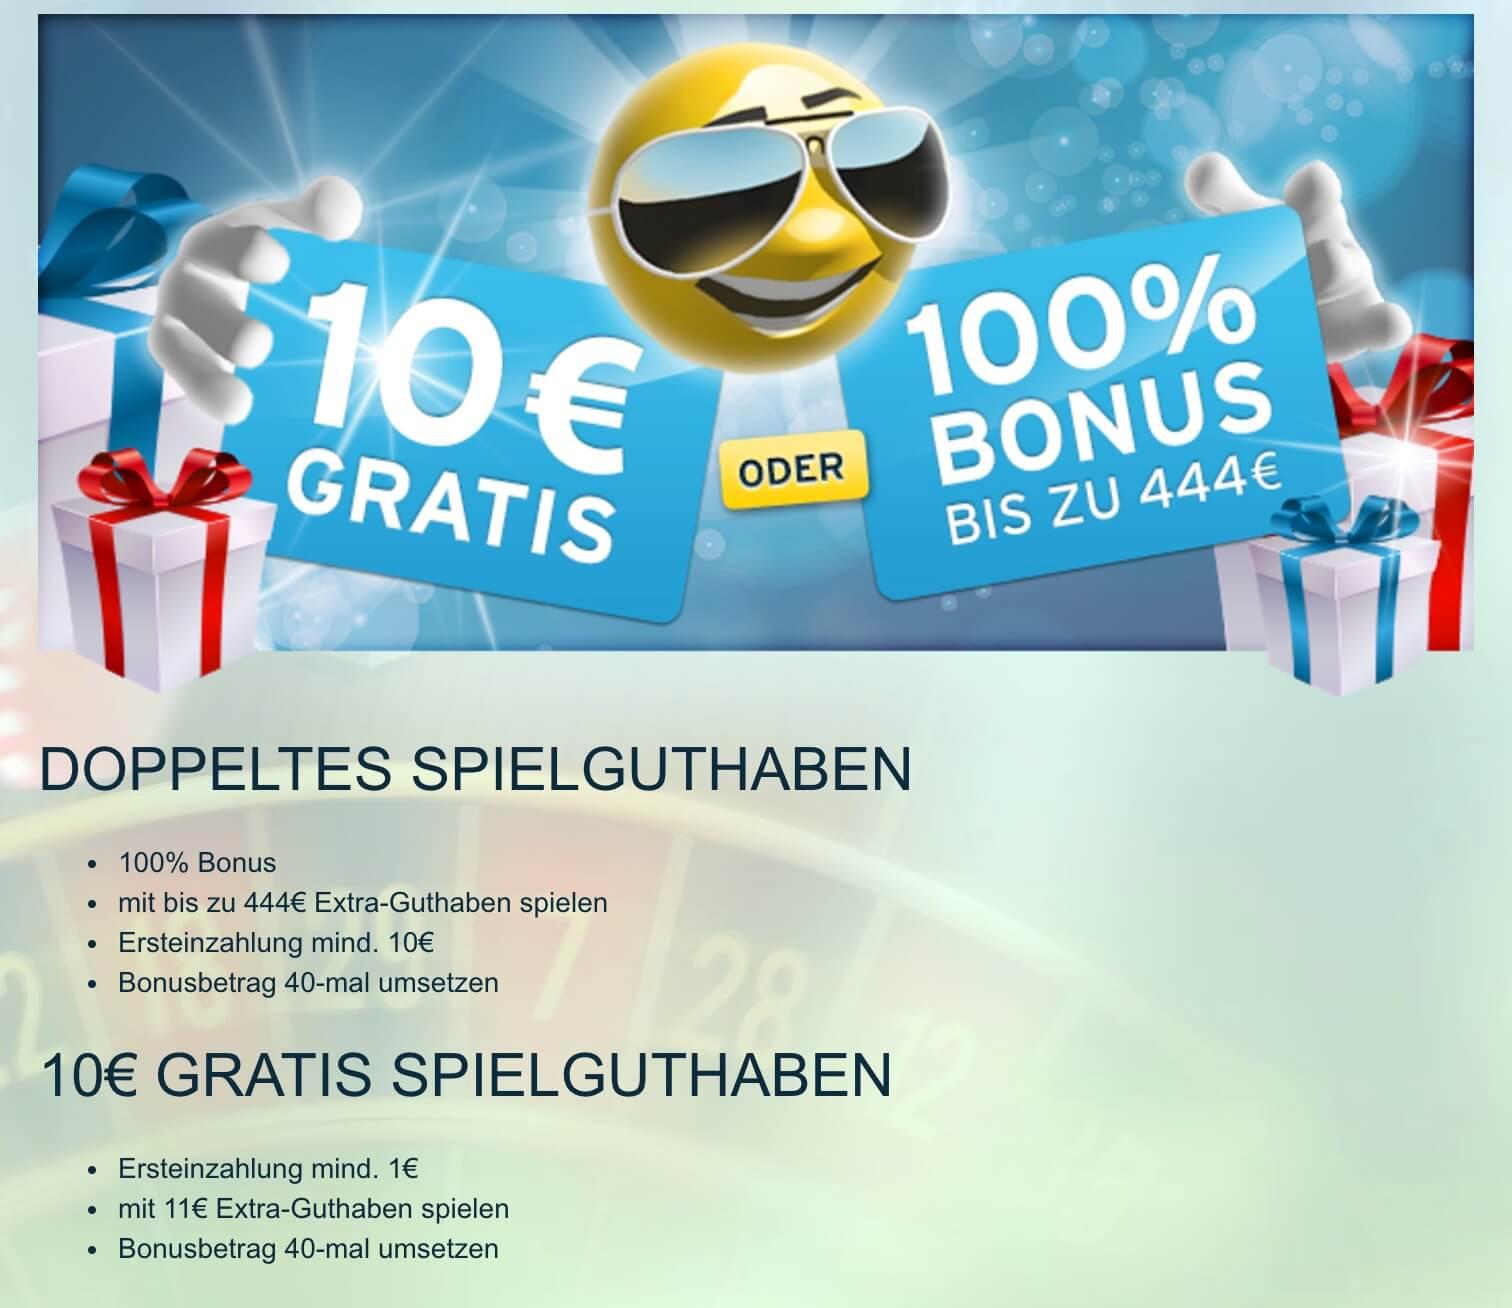 10 euro -393139